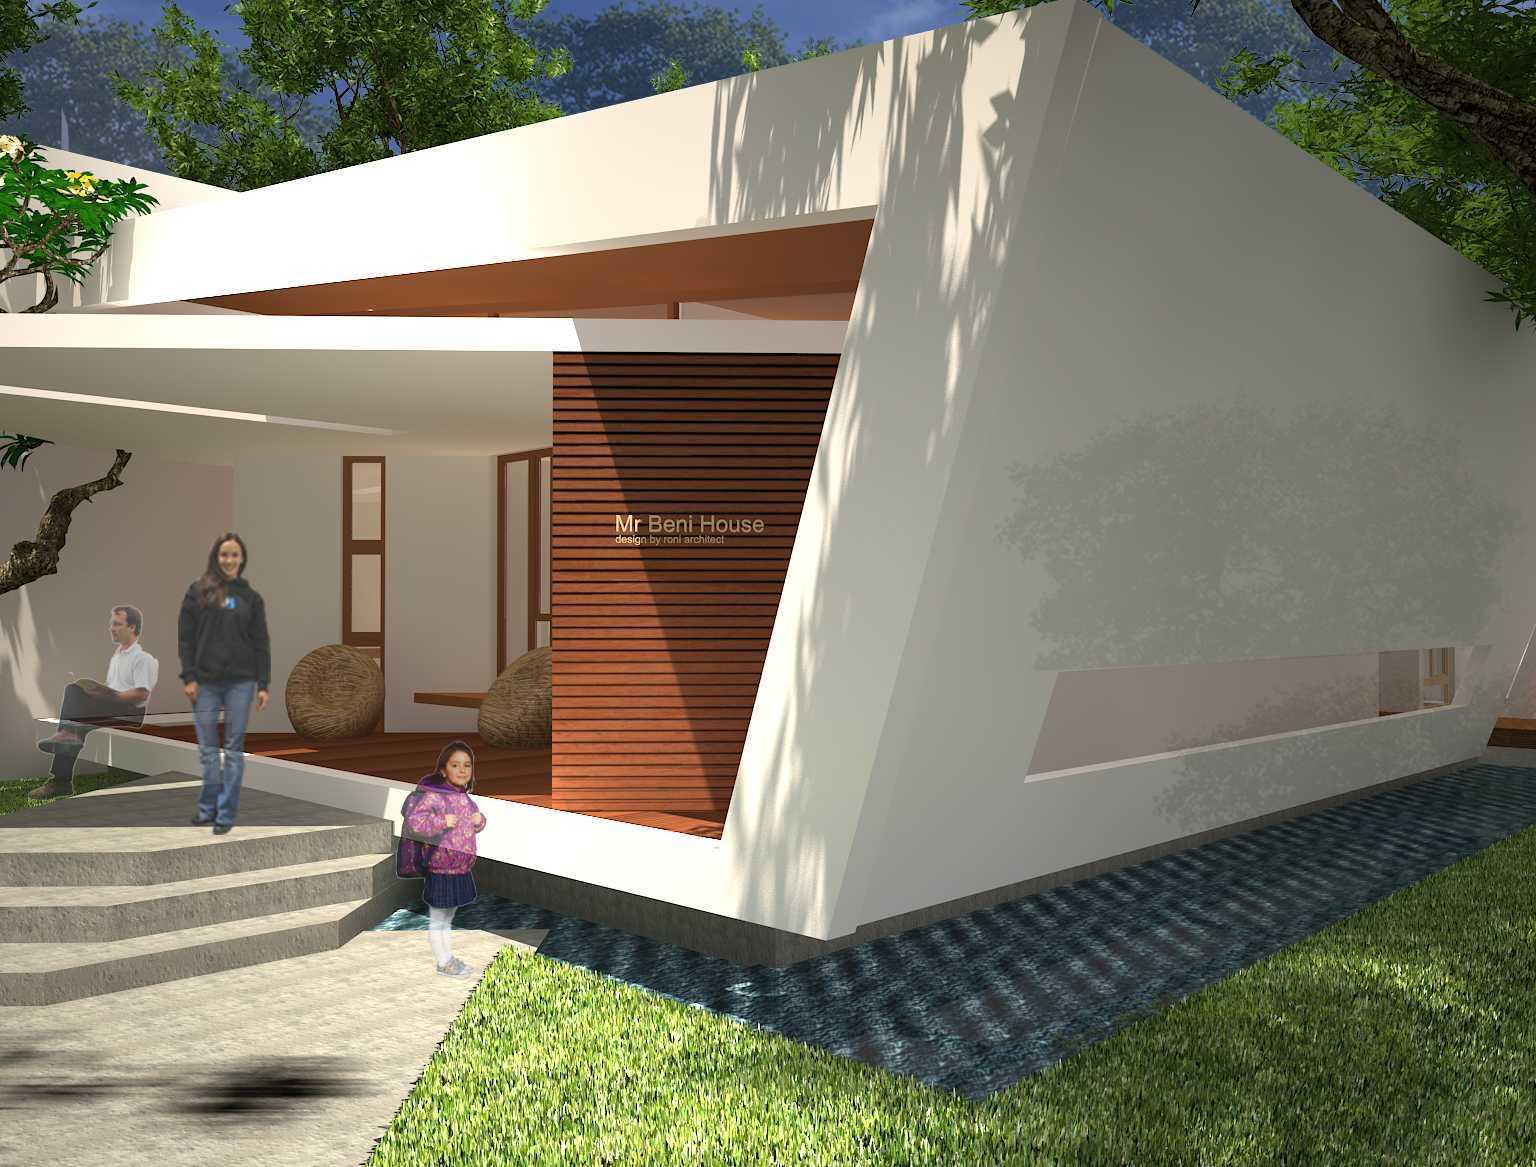 Roni Desain Rumah Hemat Energi  Sulawesi Selatan, Indonesia Sulawesi Selatan, Indonesia Roni-Desain-Rumah-Hemat-Energi-  59906